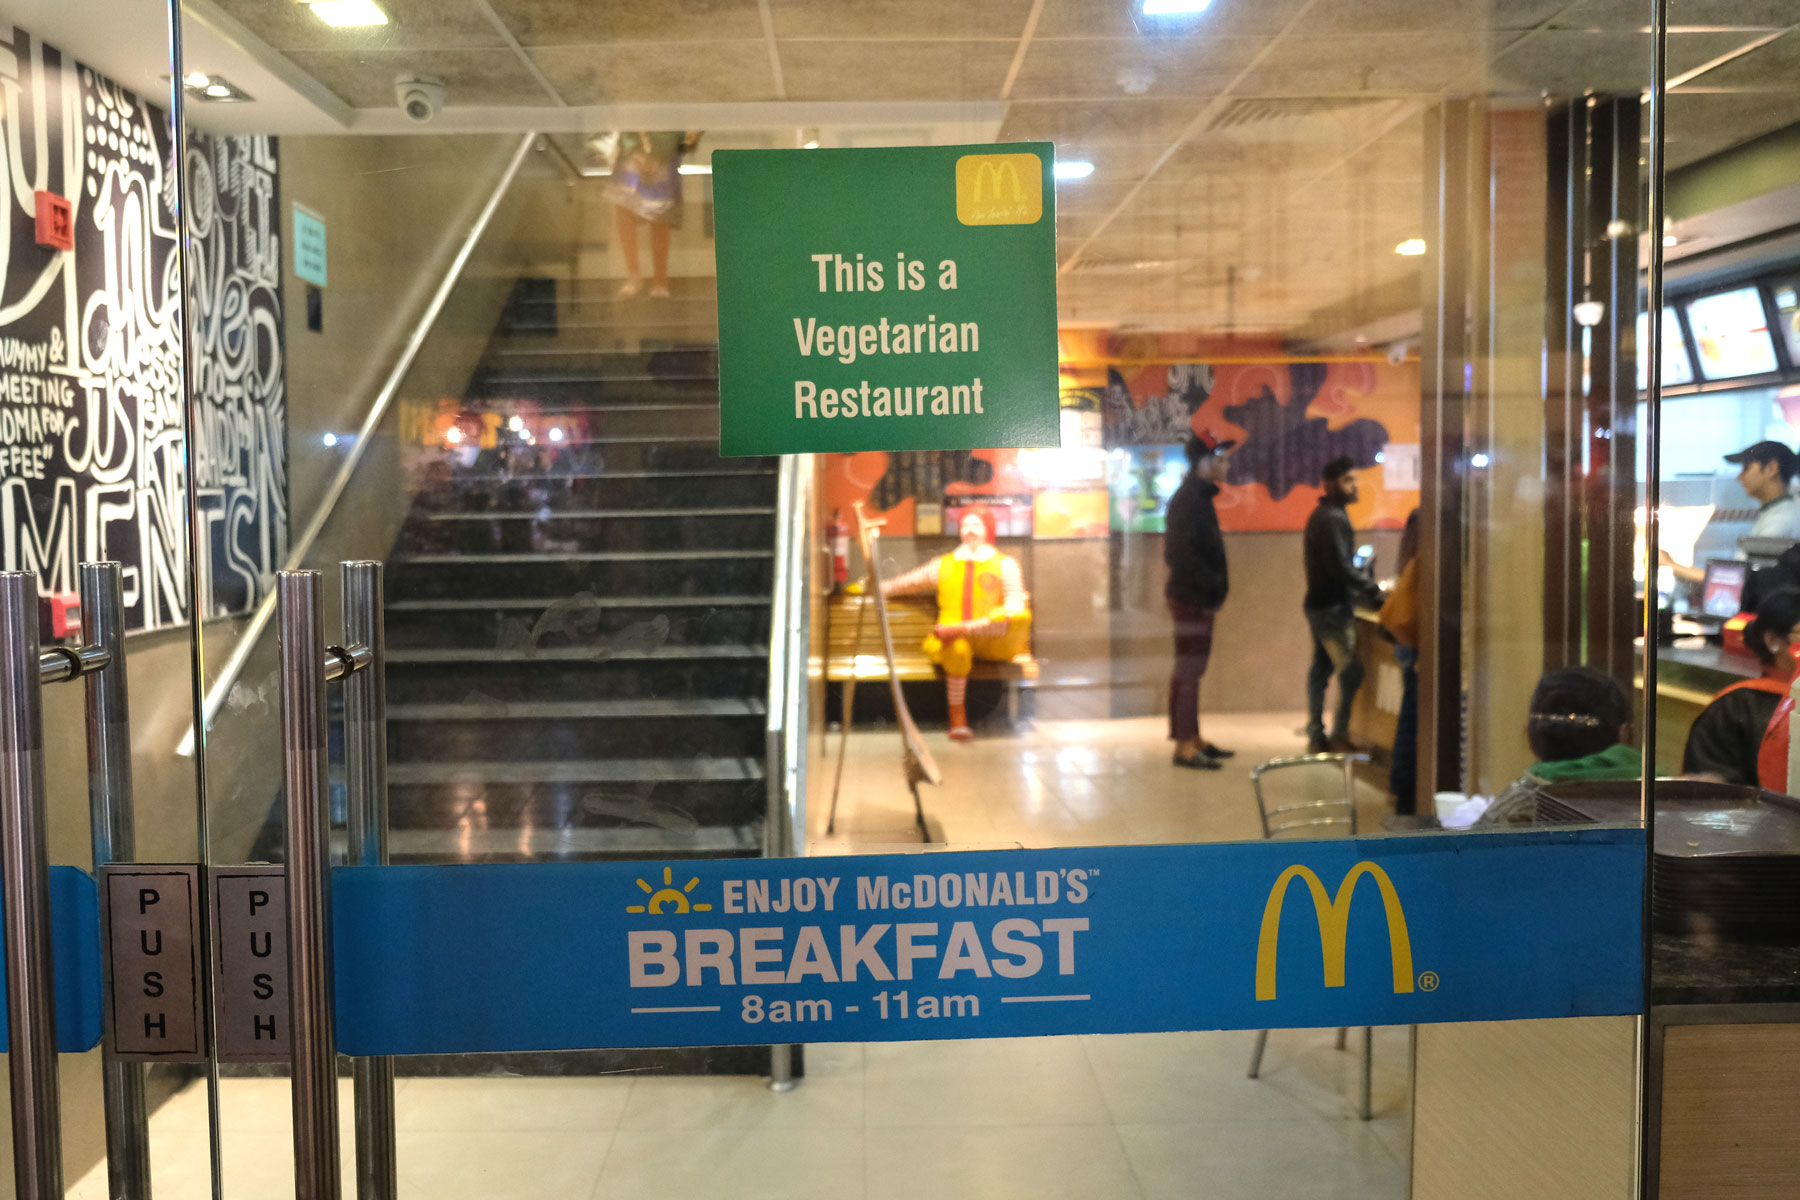 Eingangstür zu einer McDonald's Filiale in Amritsar. Ein Schild weist darauf hin, dass dies ein vegetarischer McDonald's ist.